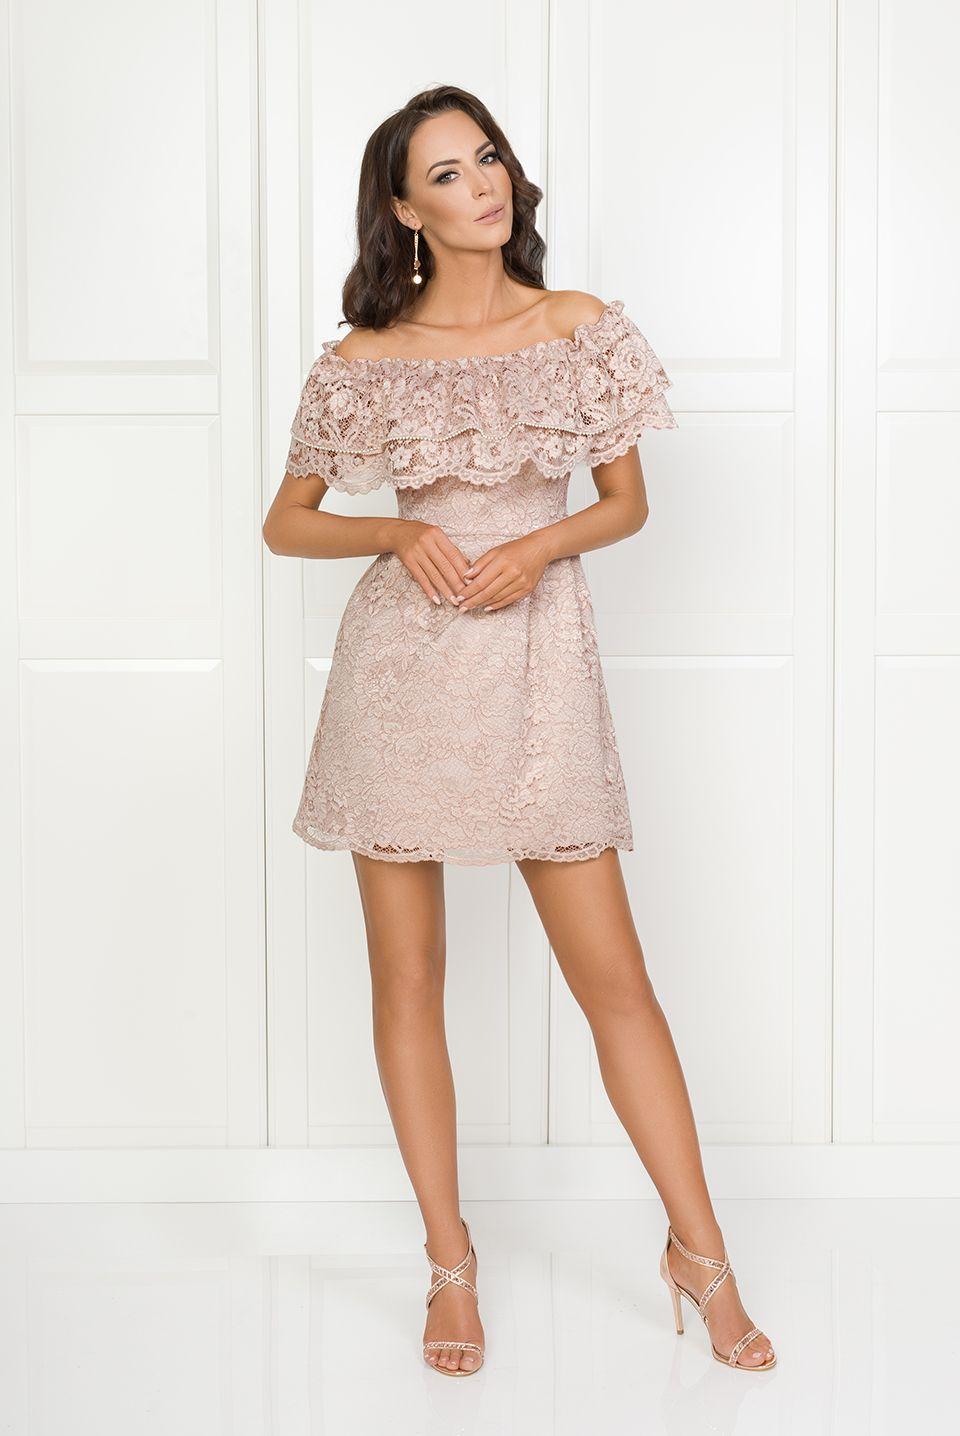 f4922ca6d3188b Illuminate.pl Luna - Koronkowa sukienka z dekoltem typu carmen, podszyta  różową podszewką. Sukienka zdobiona poziomymi falbanami, wykonana z  grubszej ...